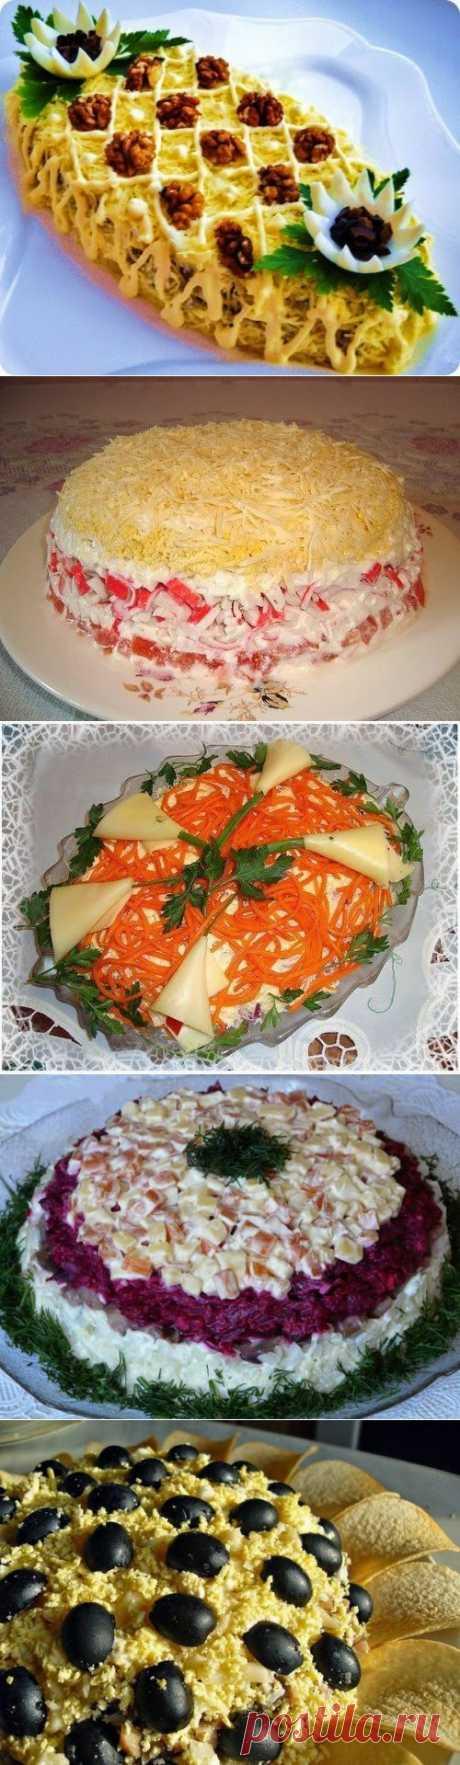 Лучшие кулинарные рецепты: Салаты